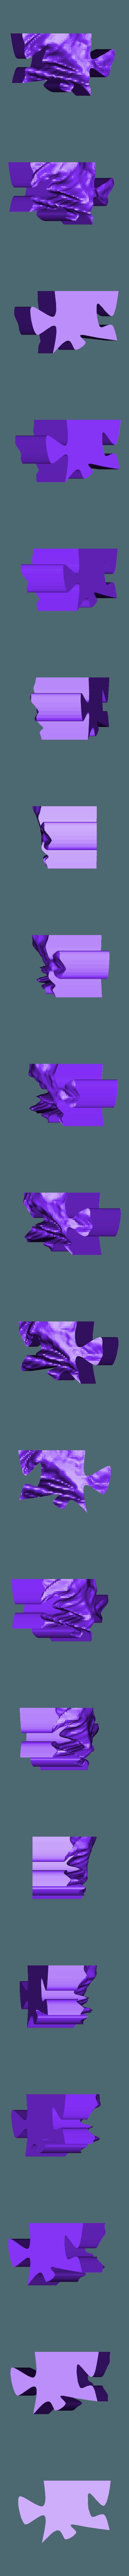 22.stl Télécharger fichier STL gratuit Echelle épique - Terrain - Zion NP • Objet à imprimer en 3D, TCP491016